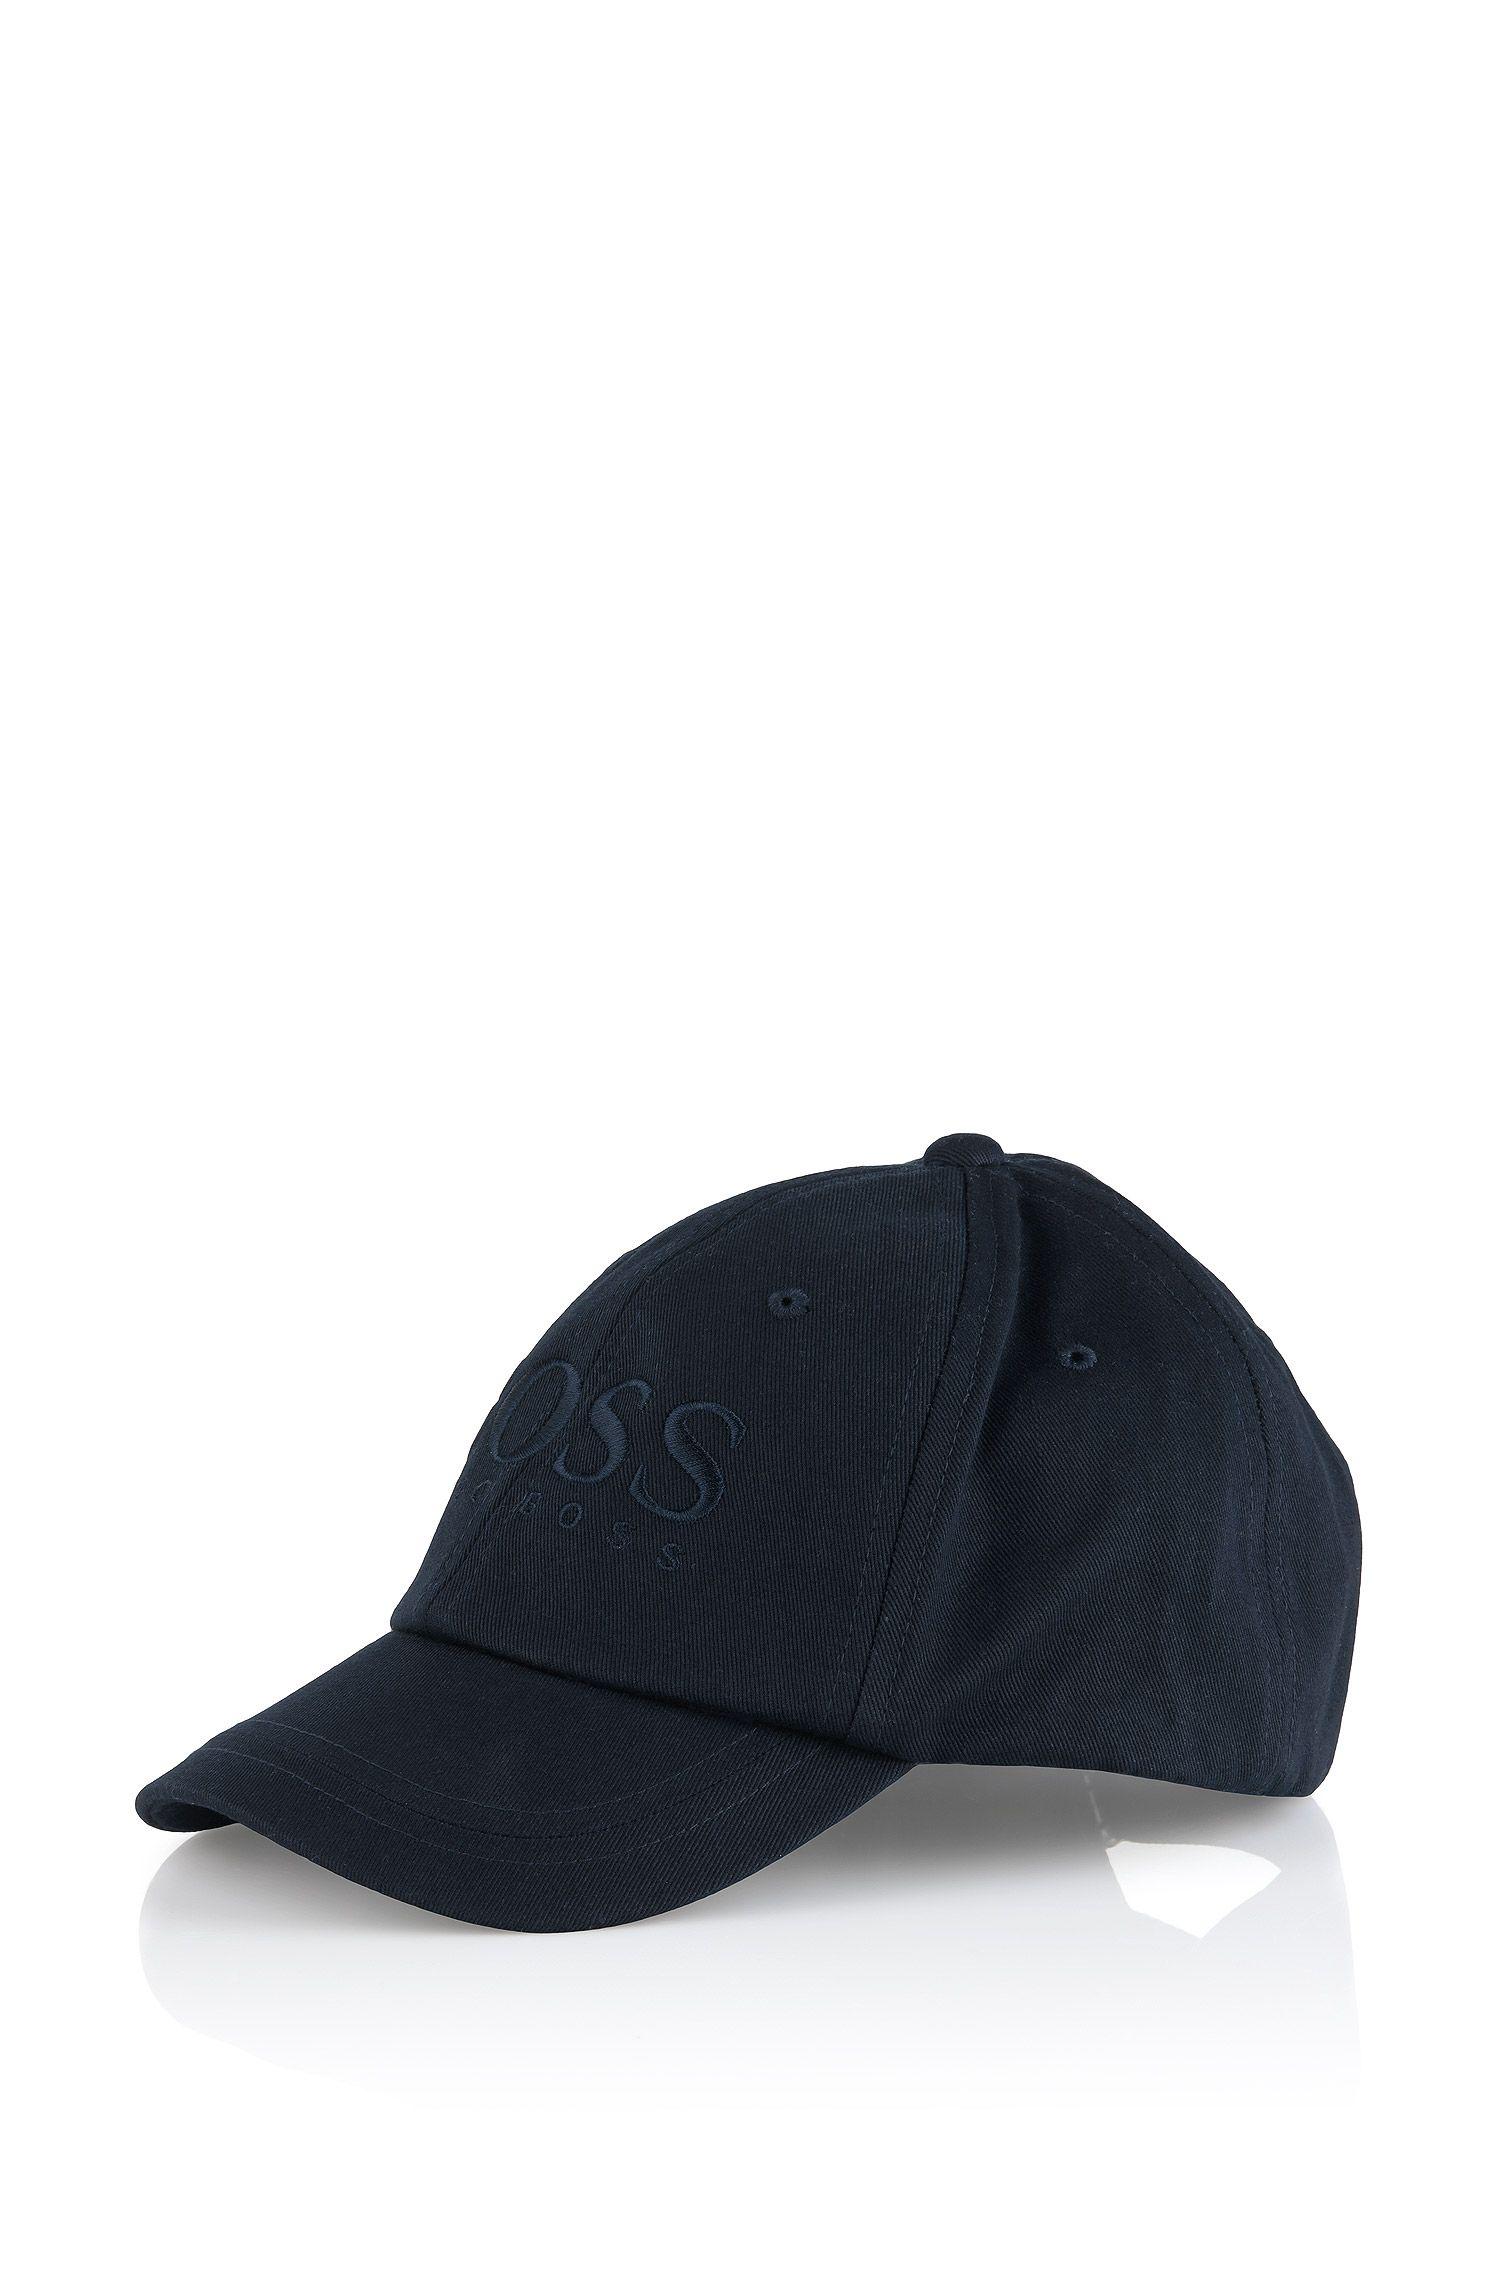 Kids-Cap ´J21120/862` aus Baumwolle